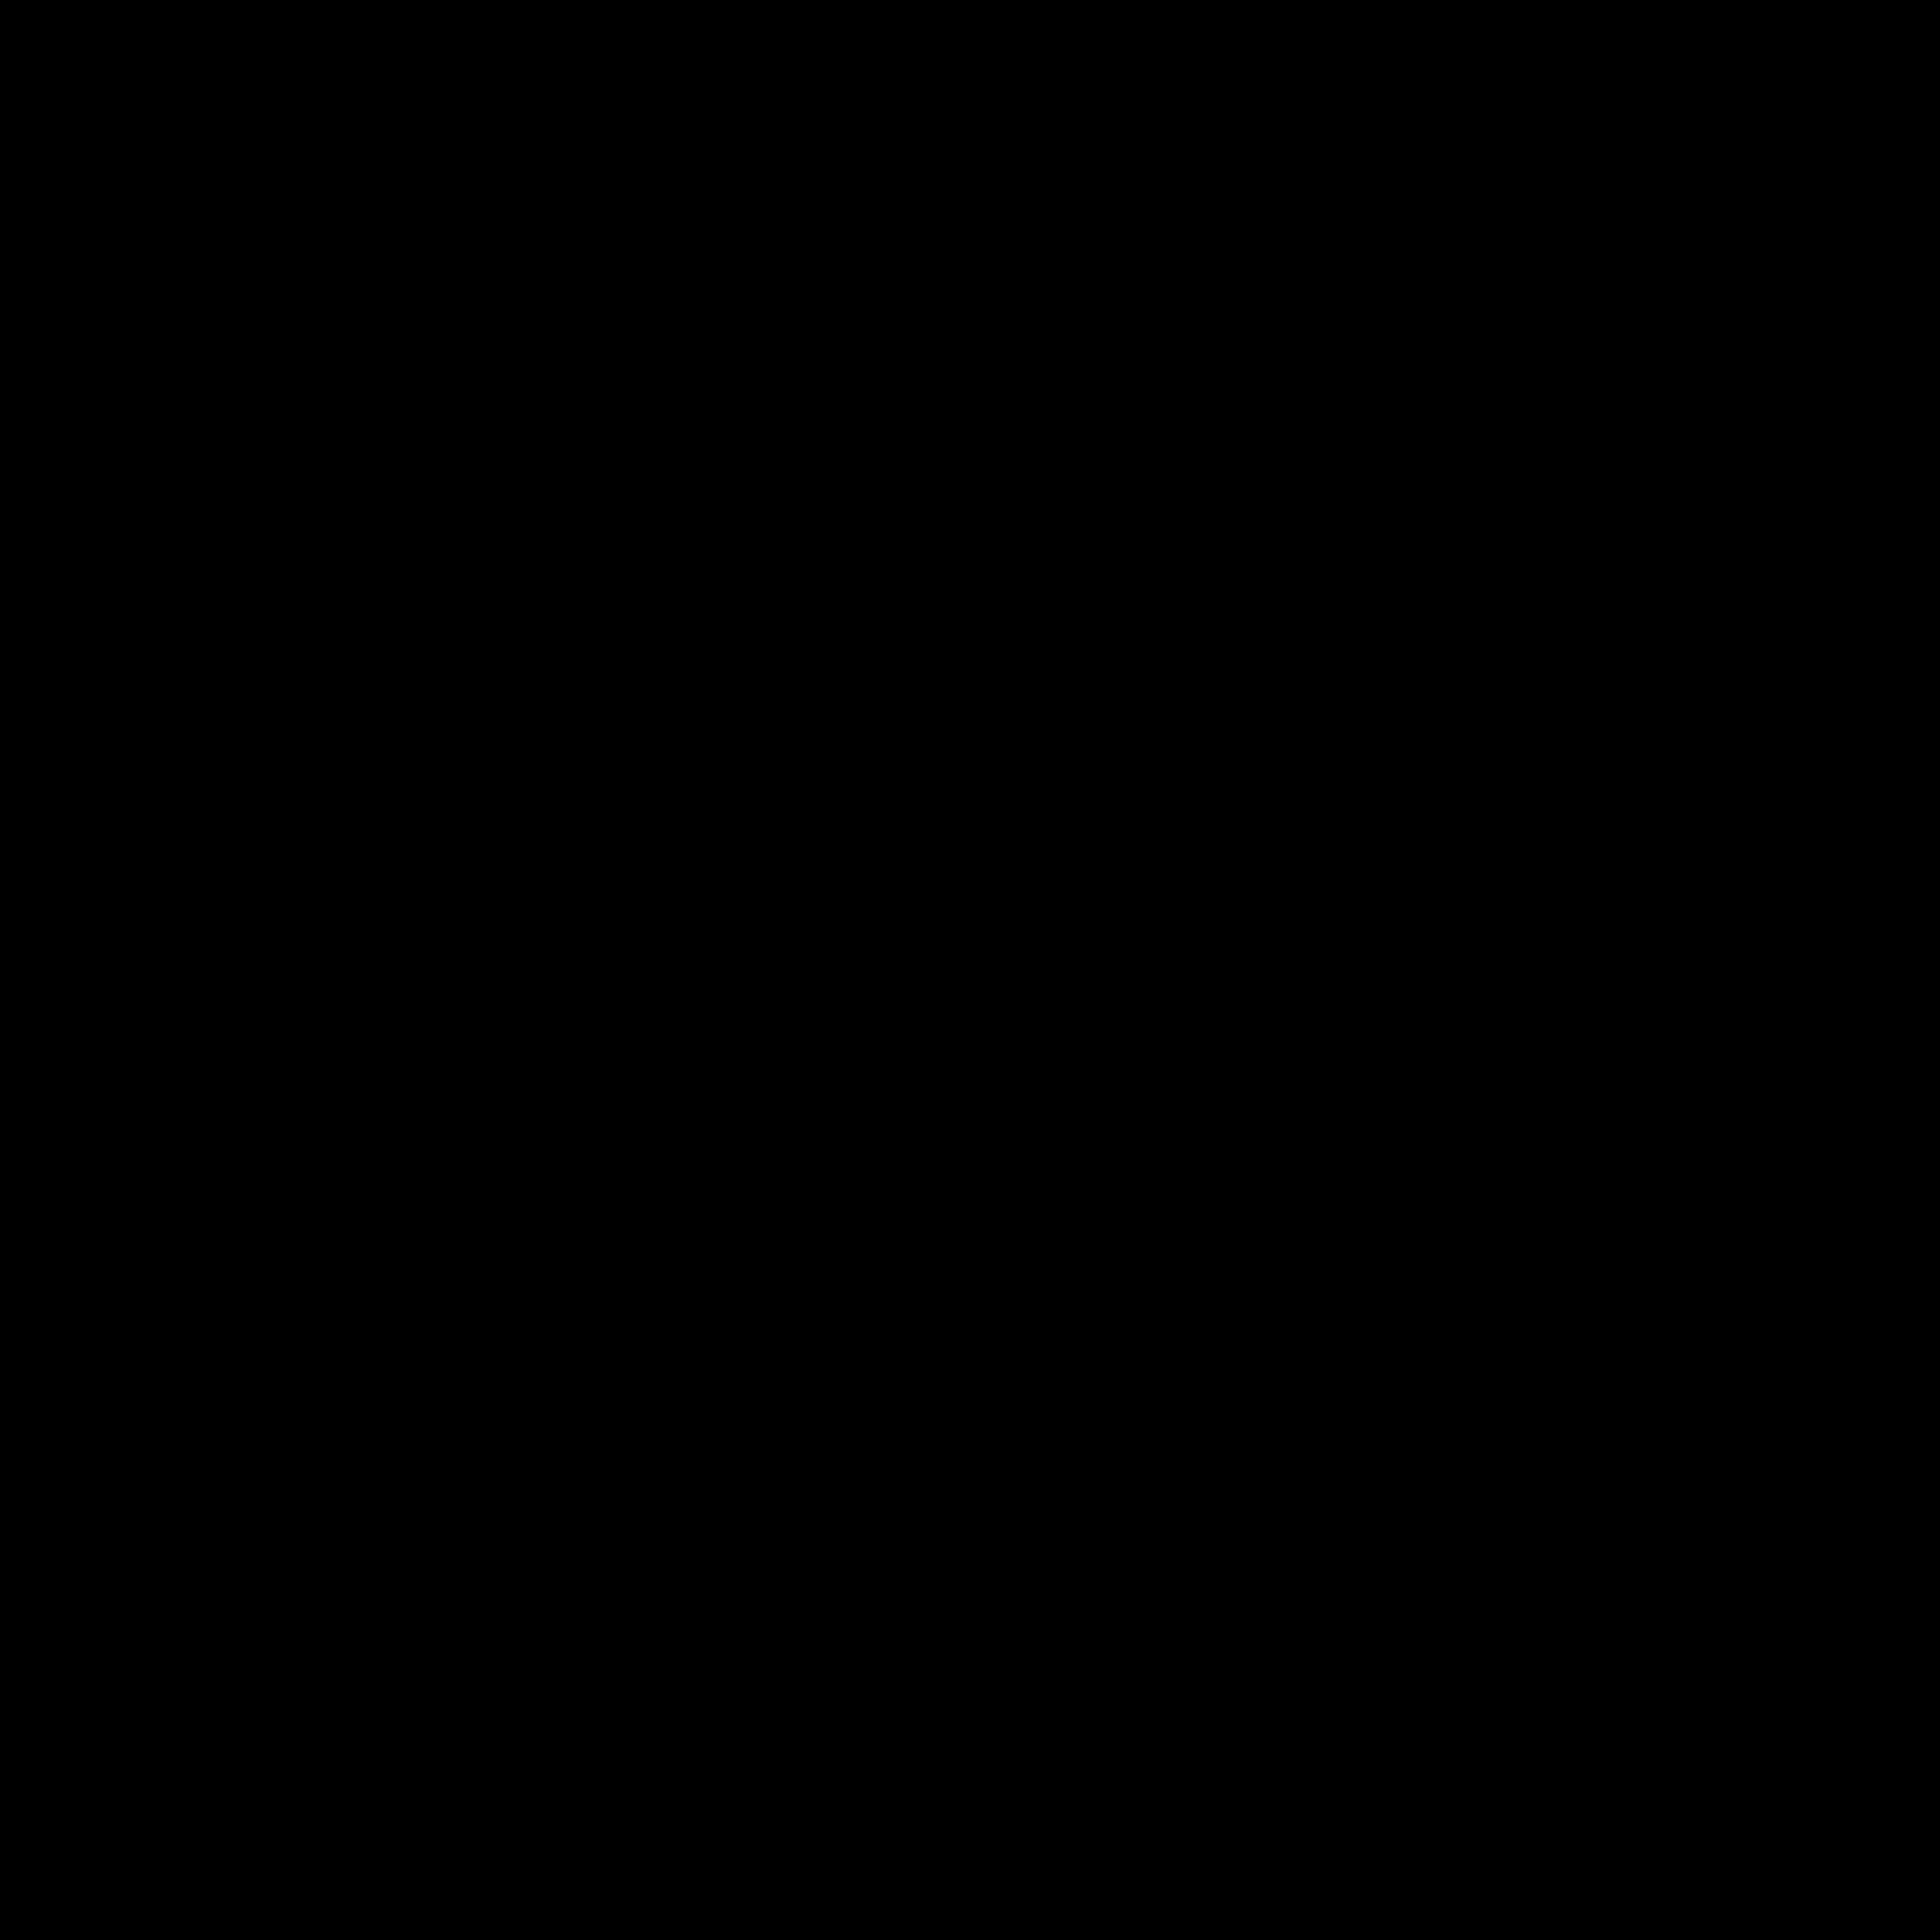 Heubozen Alltrack Konect